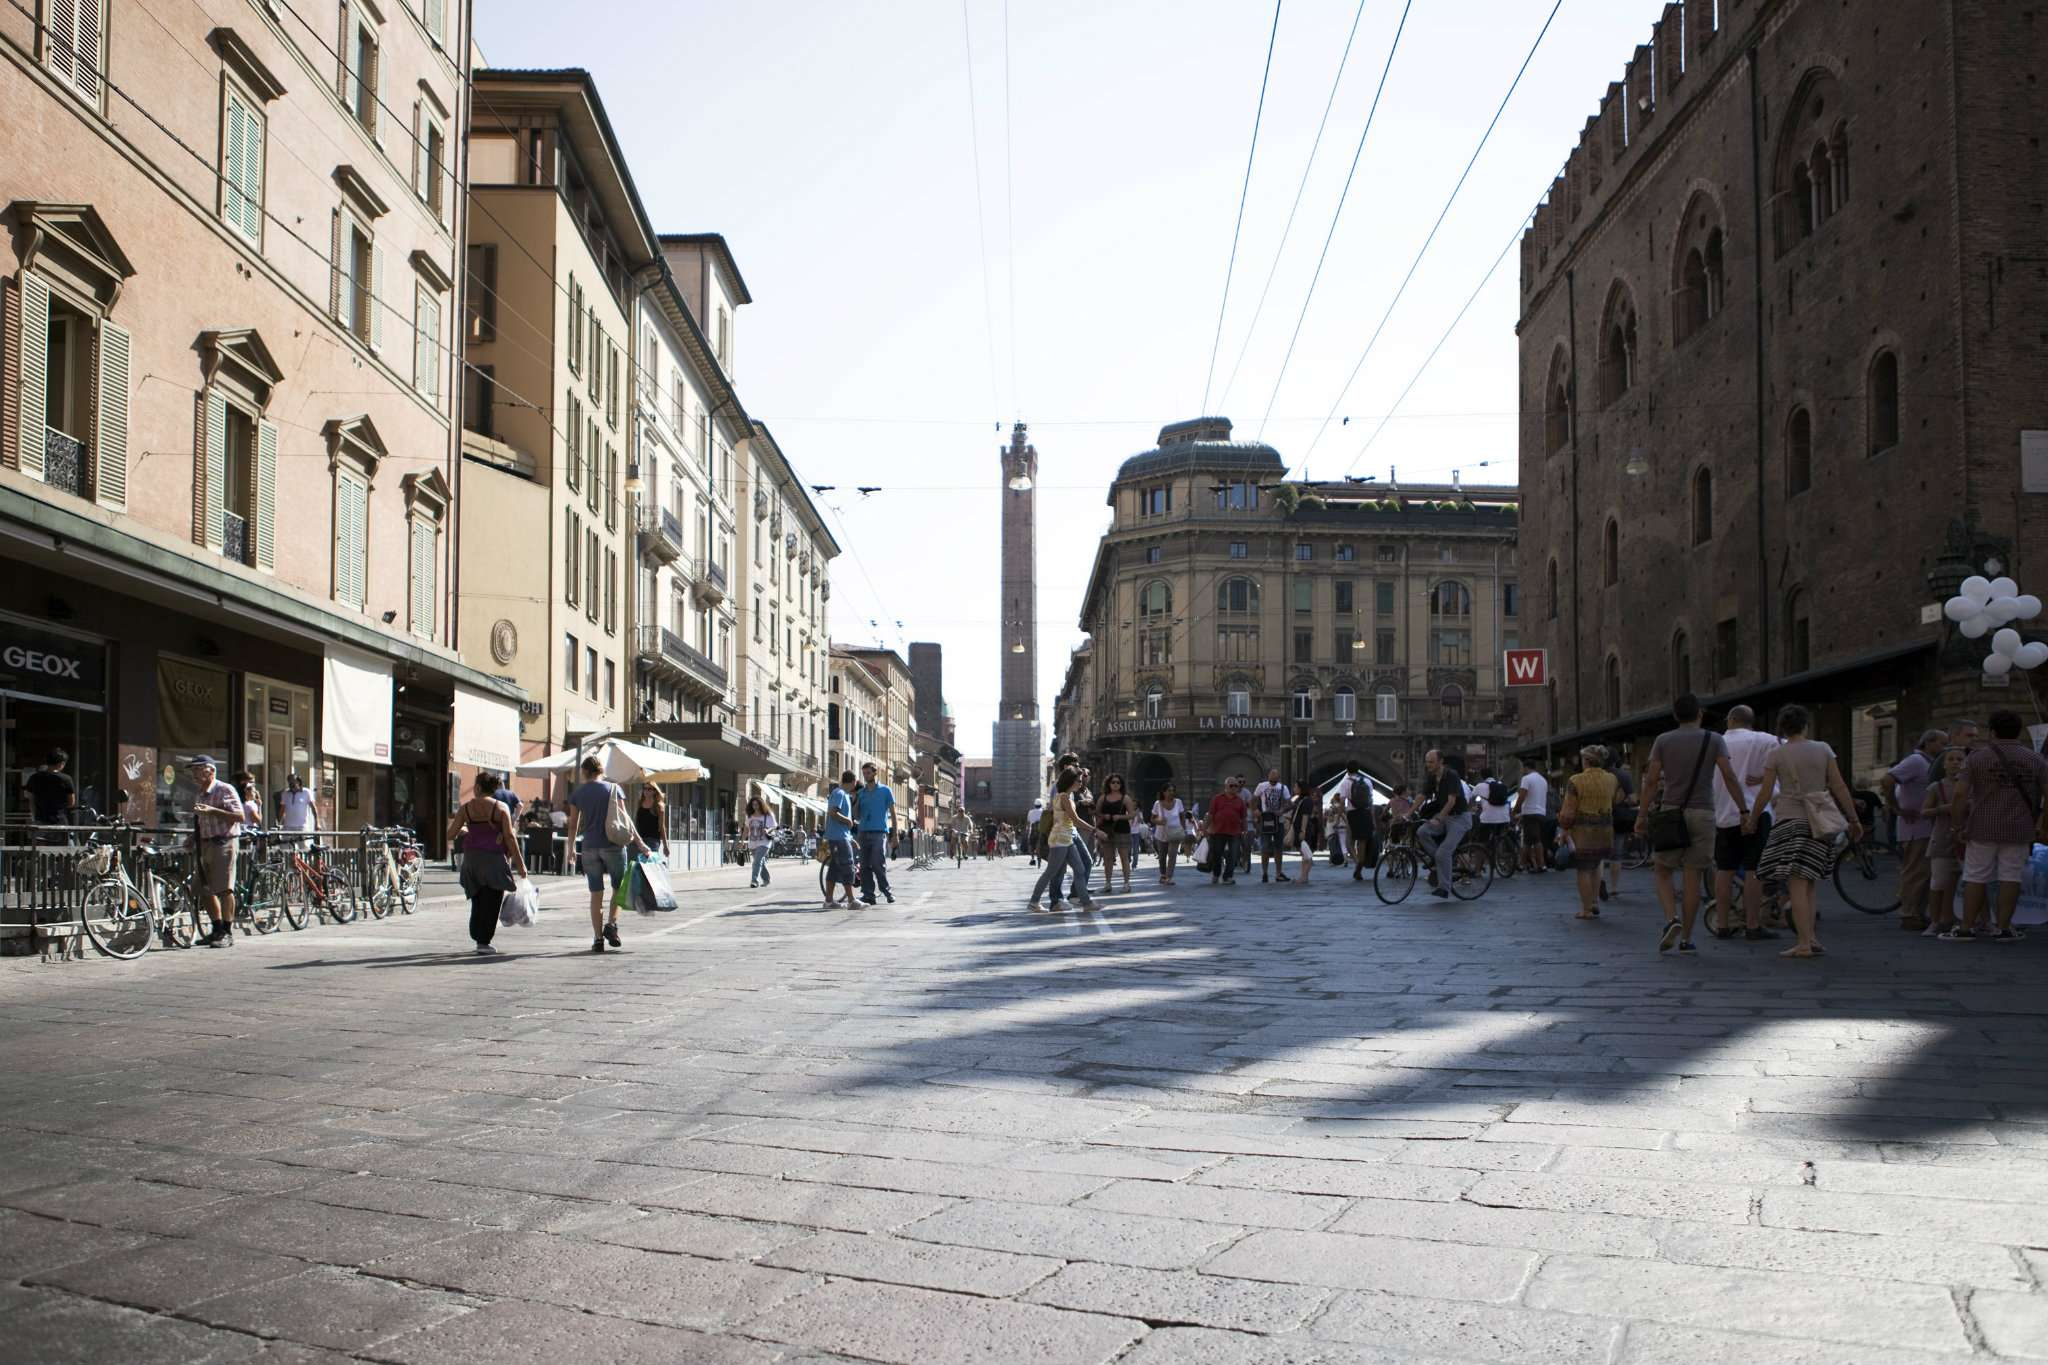 Negozio / Locale in affitto a Bologna, 1 locali, zona Zona: 1 . Centro Storico, prezzo € 10.000   CambioCasa.it